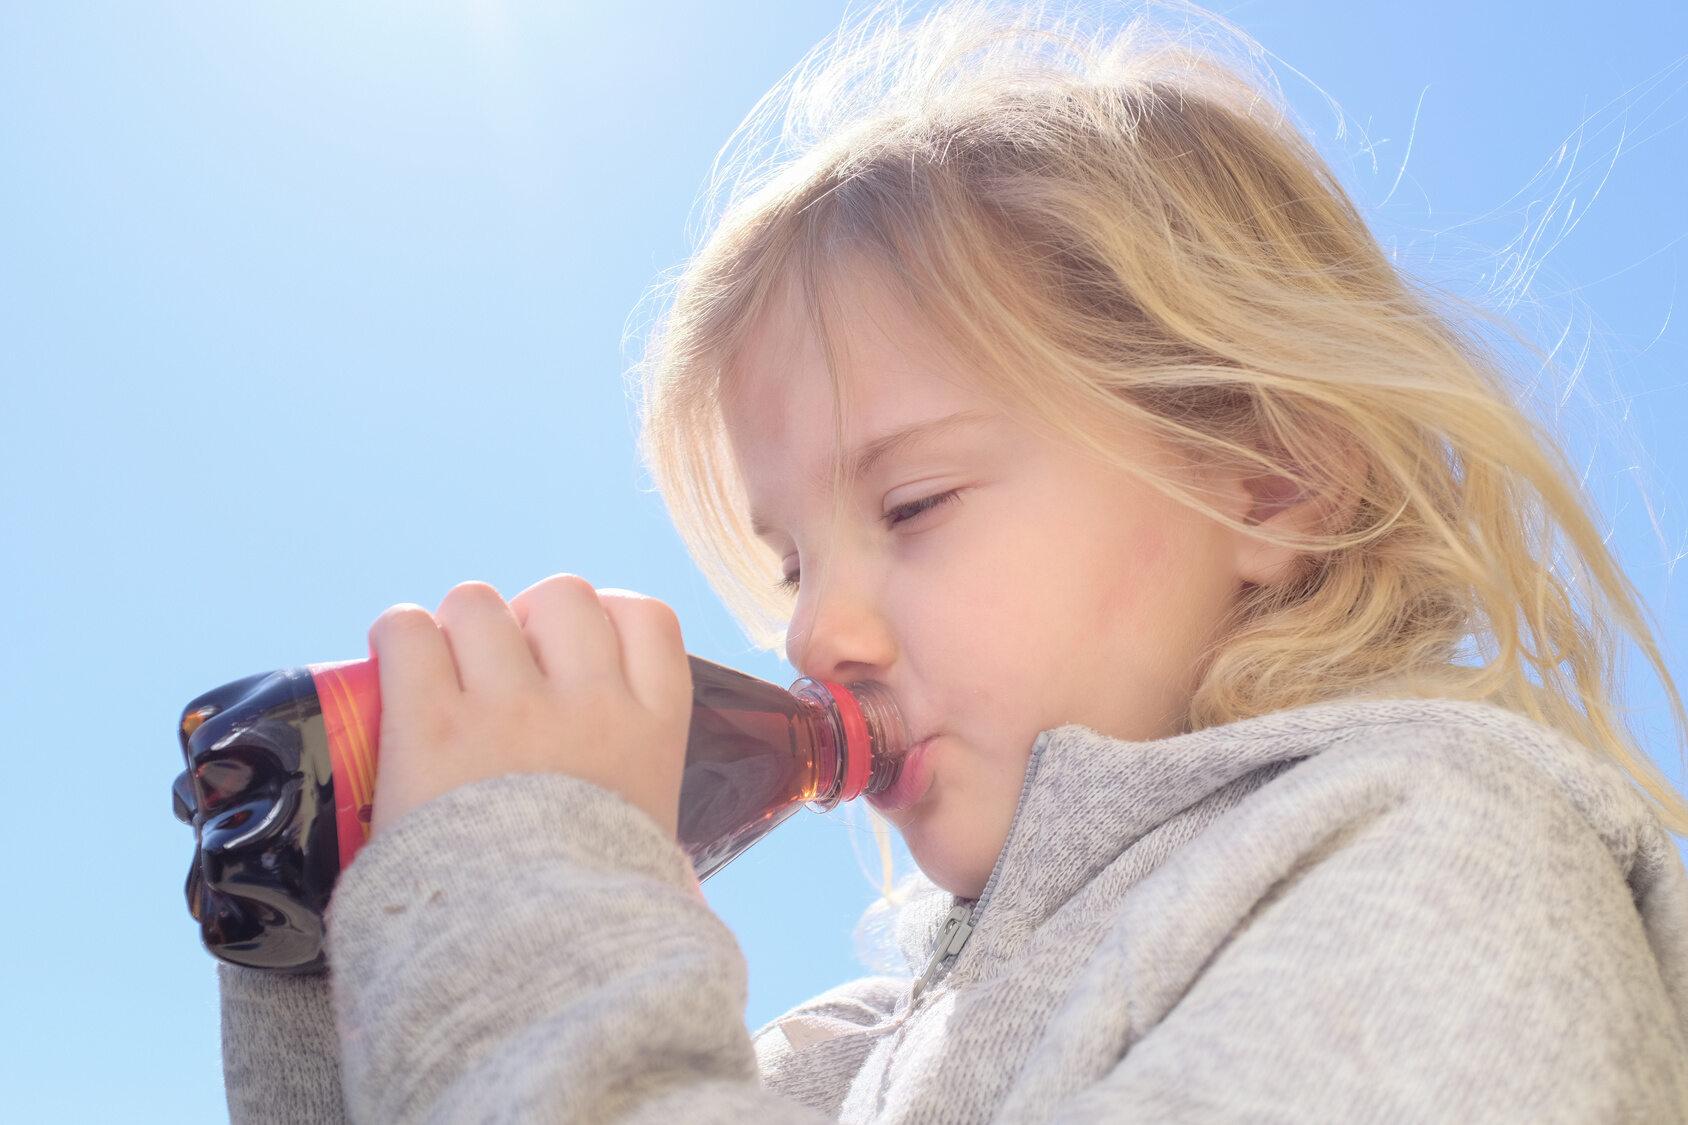 Dziecko pijące napój z butelki